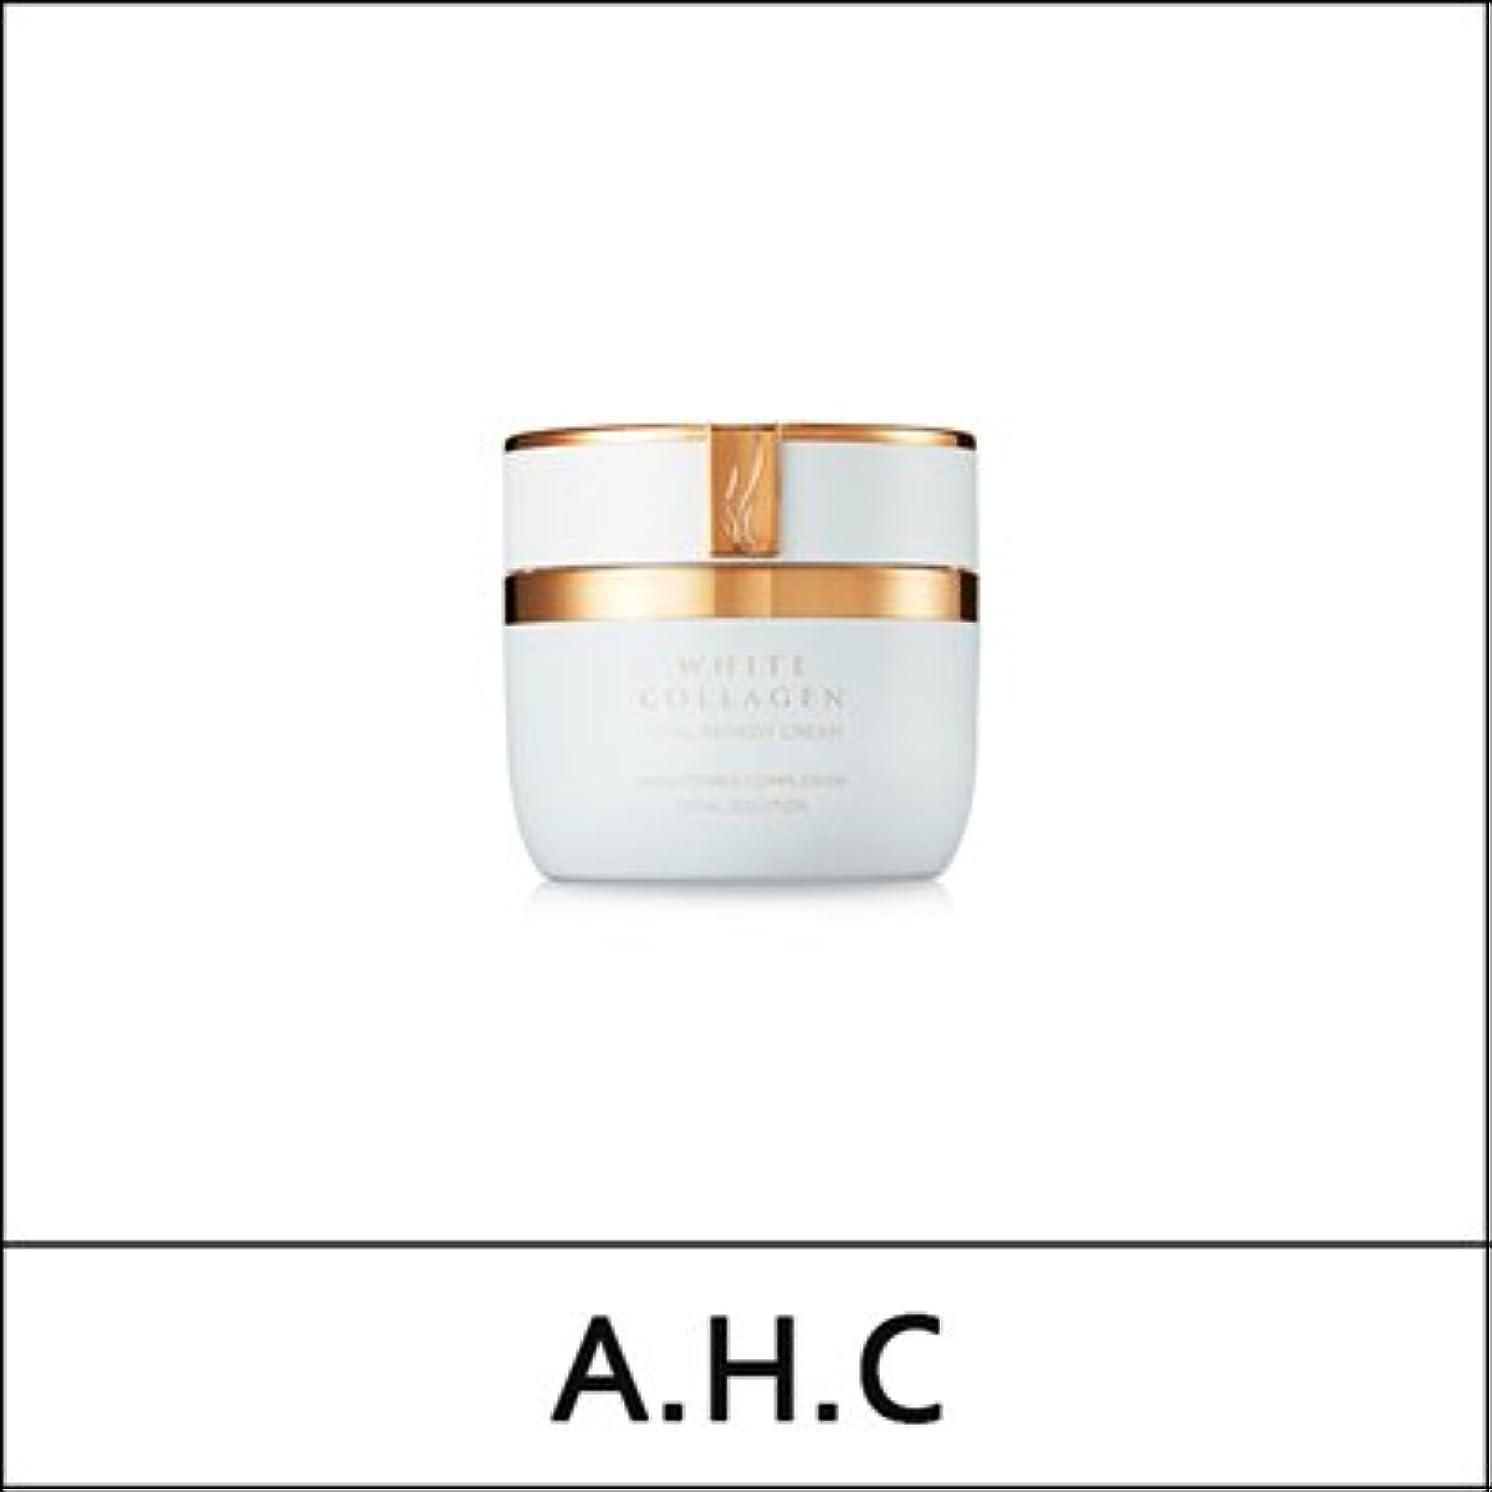 シンプトン実証するベックスA.H.C (AHC) White Collagen Total Remedy Cream 50g/A.H.C ホワイト コラーゲン トータル レミディ クリーム 50g [並行輸入品]